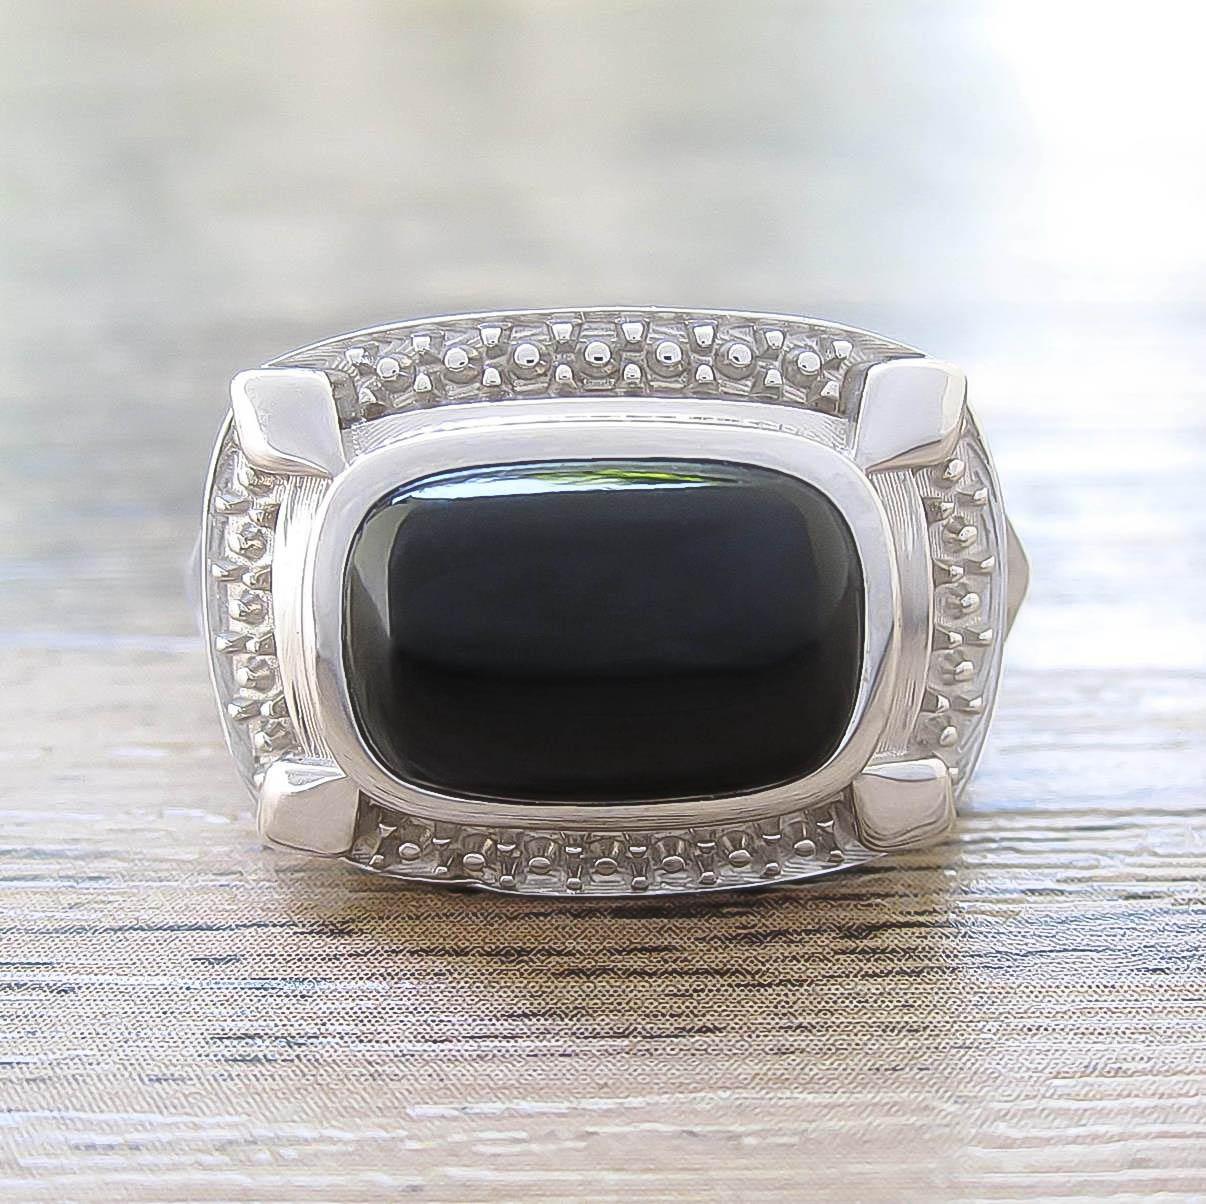 แหวน Black Onyx Sterling Silver สี Rhodium รุ่น Luxury